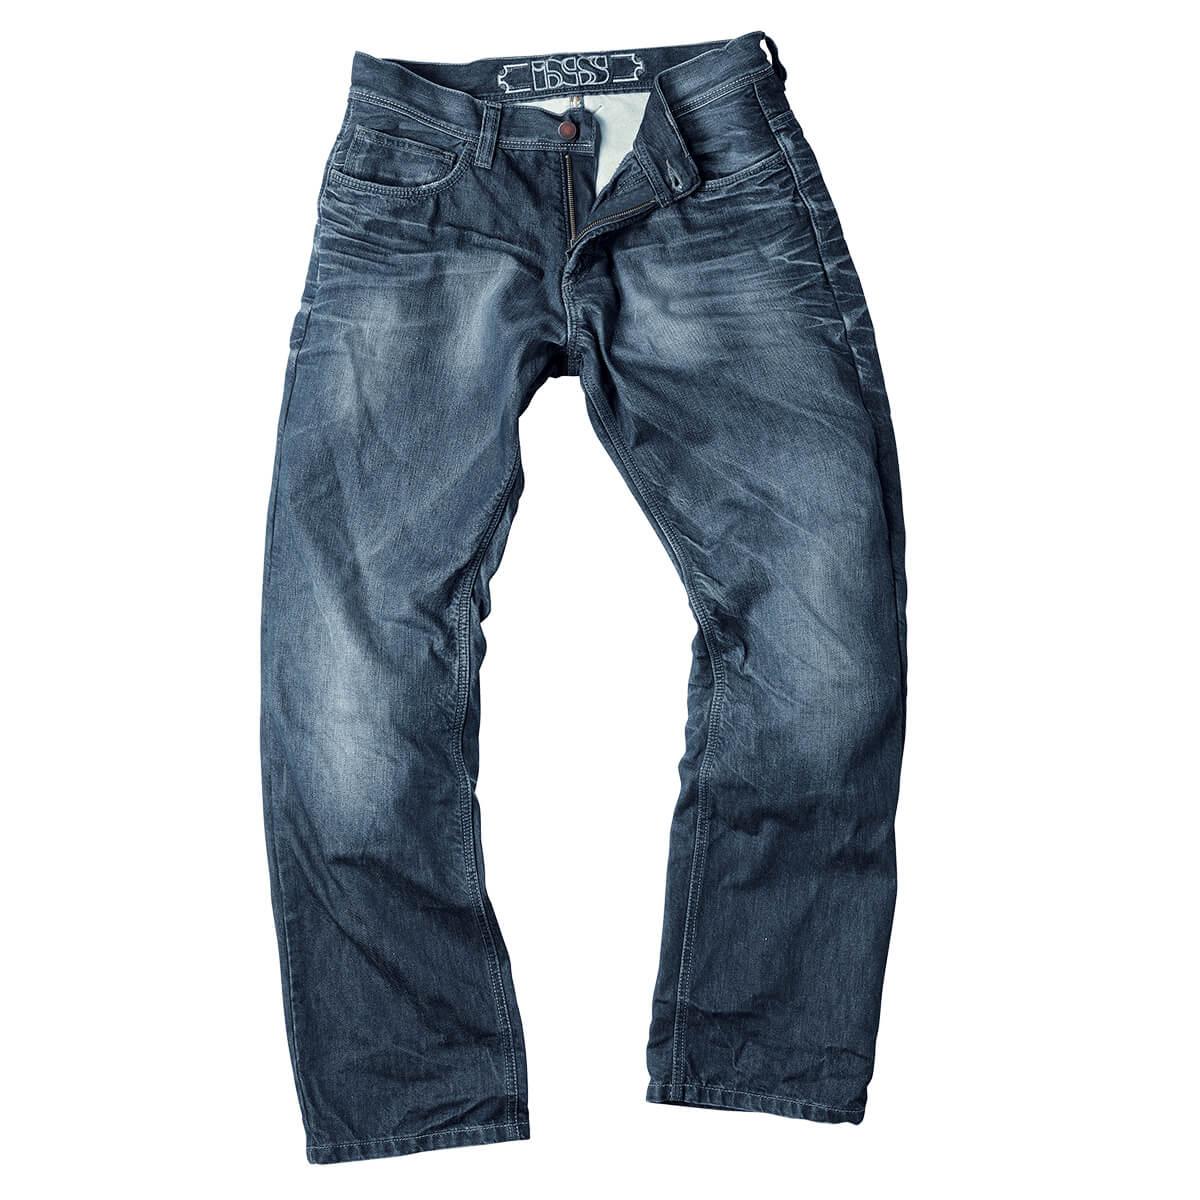 jeans hosen motorrad bekleidung moto ixs. Black Bedroom Furniture Sets. Home Design Ideas